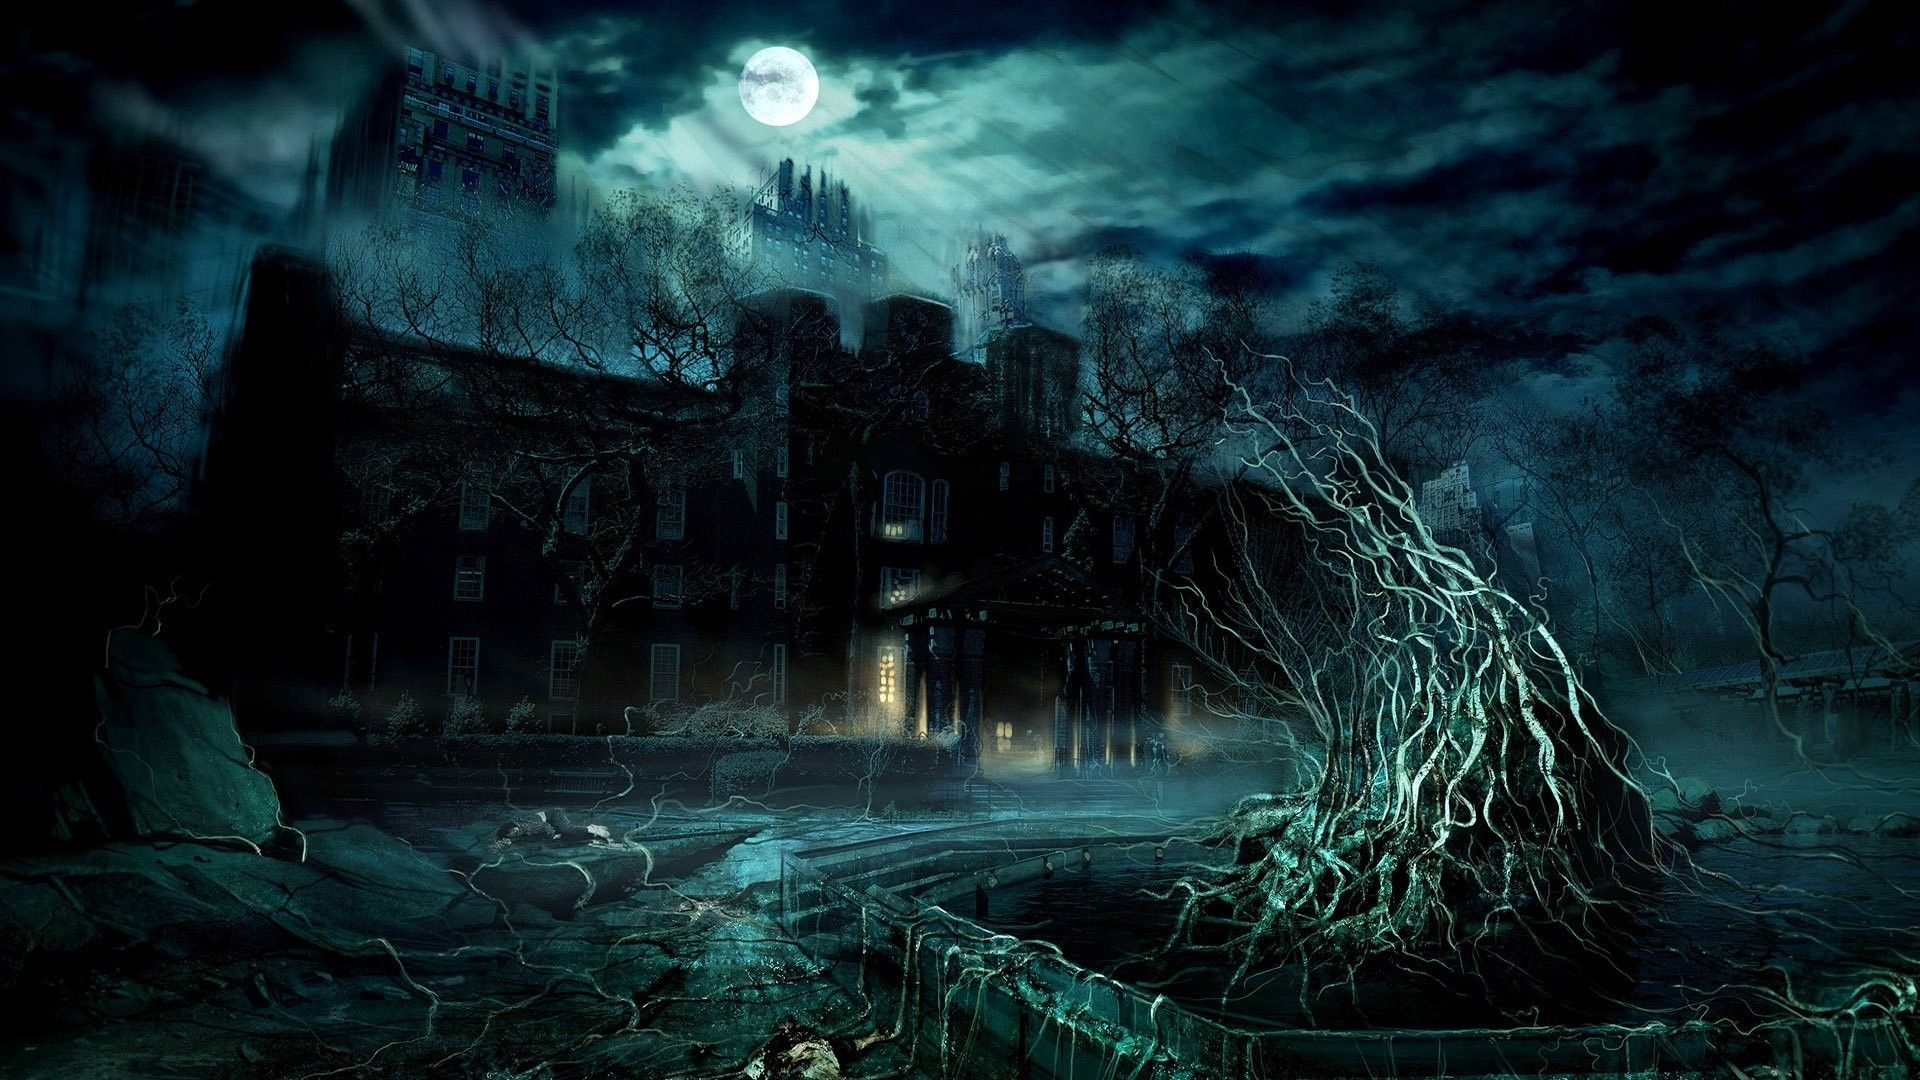 Dark mansion under the full moon digital art hd wallpaper